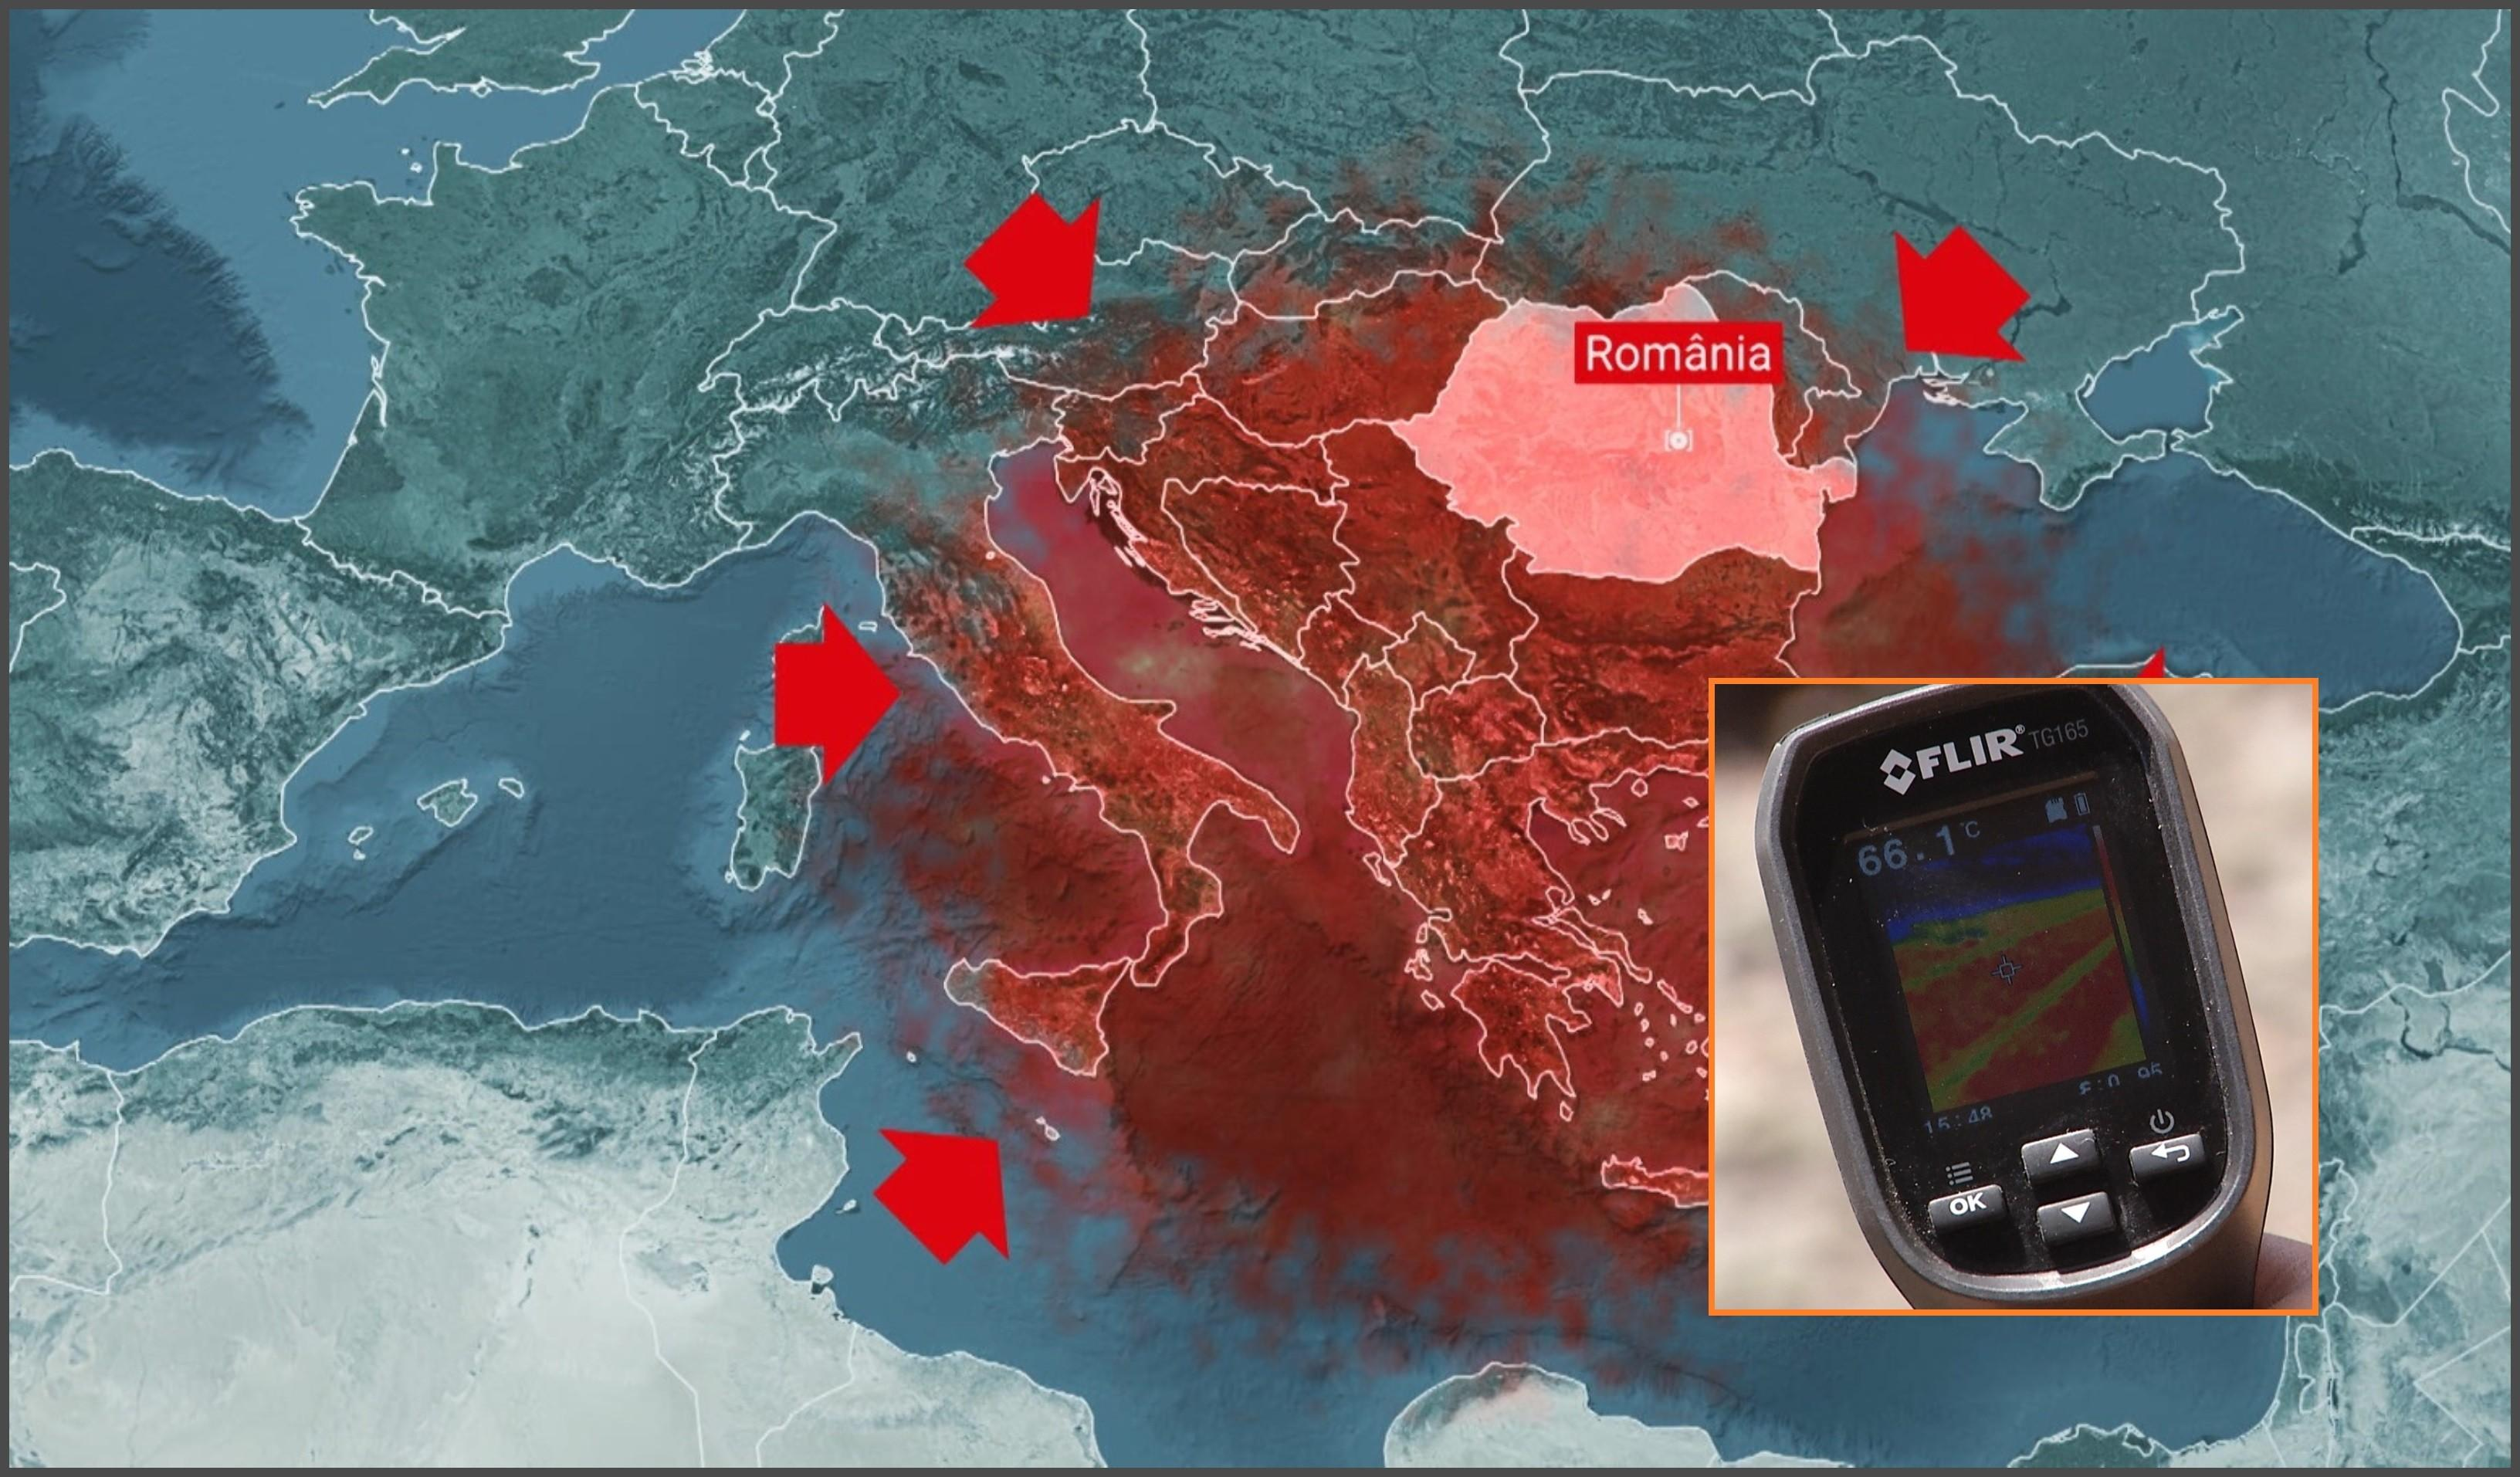 """Zone cu temperaturi de 60 de grade, după valul de căldură care a """"topit"""" jumătate de România. Diferenţă de la 39 la 18 grade, între Bucureşti şi Cluj"""